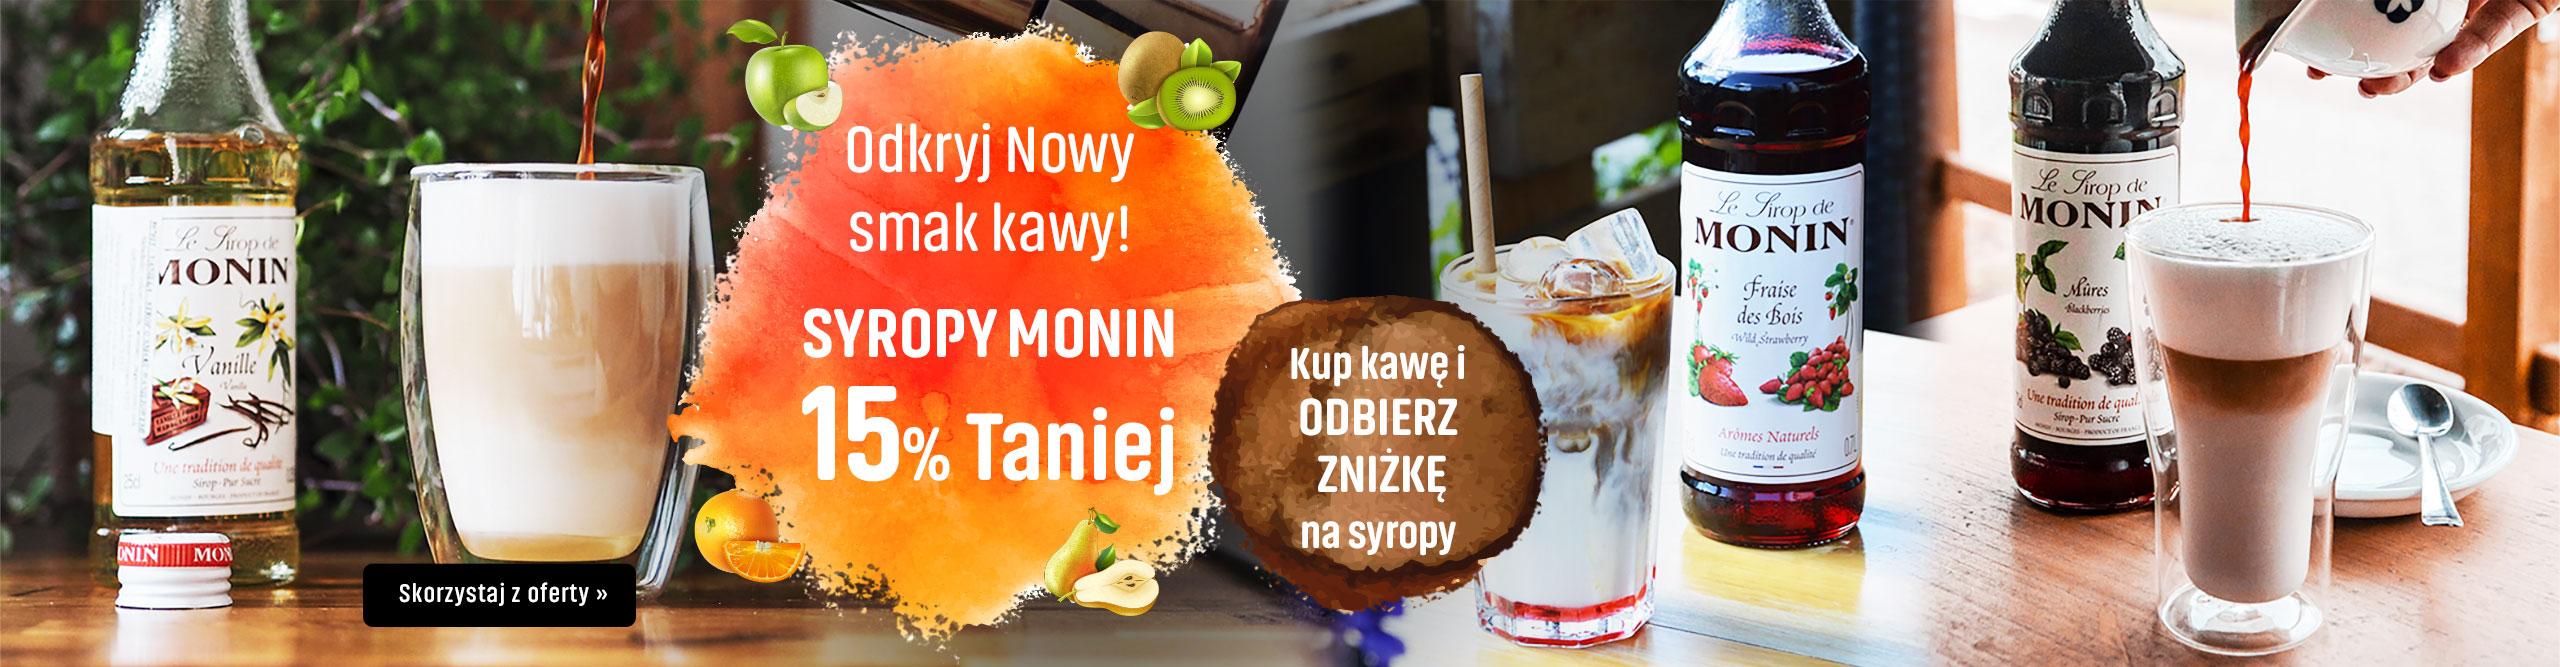 Odkryj nowy smak kawy! Syropy Monin 15% Taniej